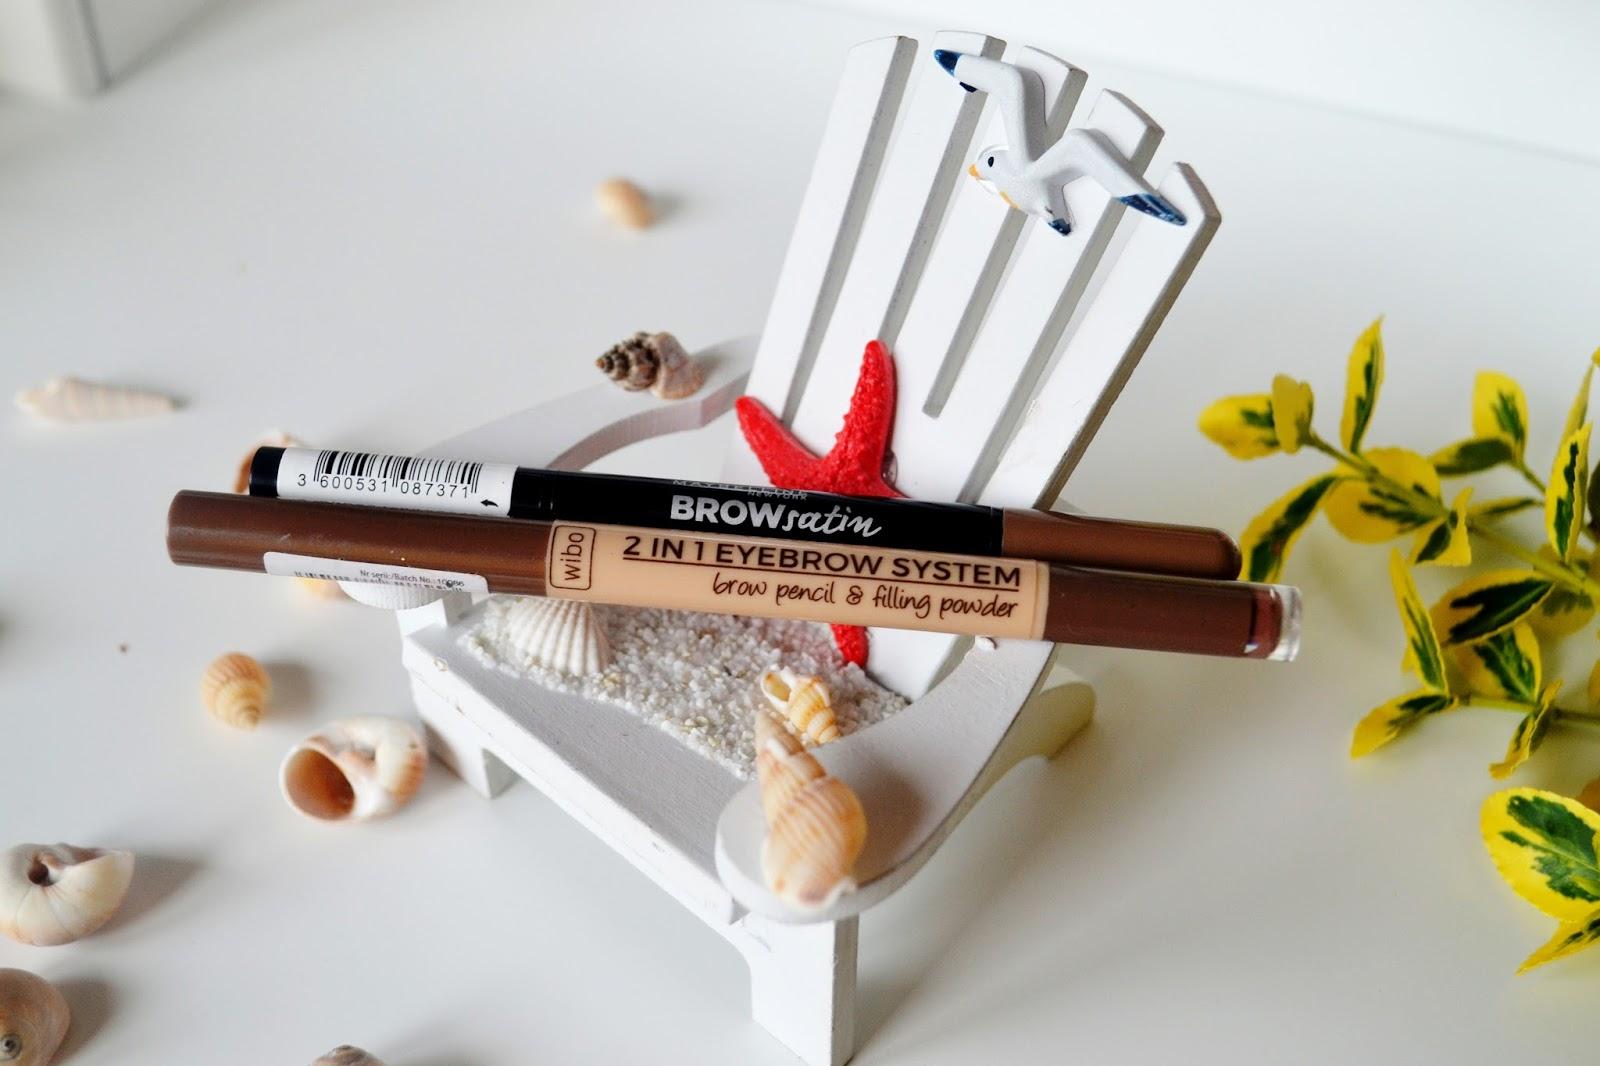 Maybelline BROW SATIN dark blonde & Wibo 2w1 eyebrow system - porównanie drogeryjnych kredek do brwi, zawierających gąbeczkę z cieniem